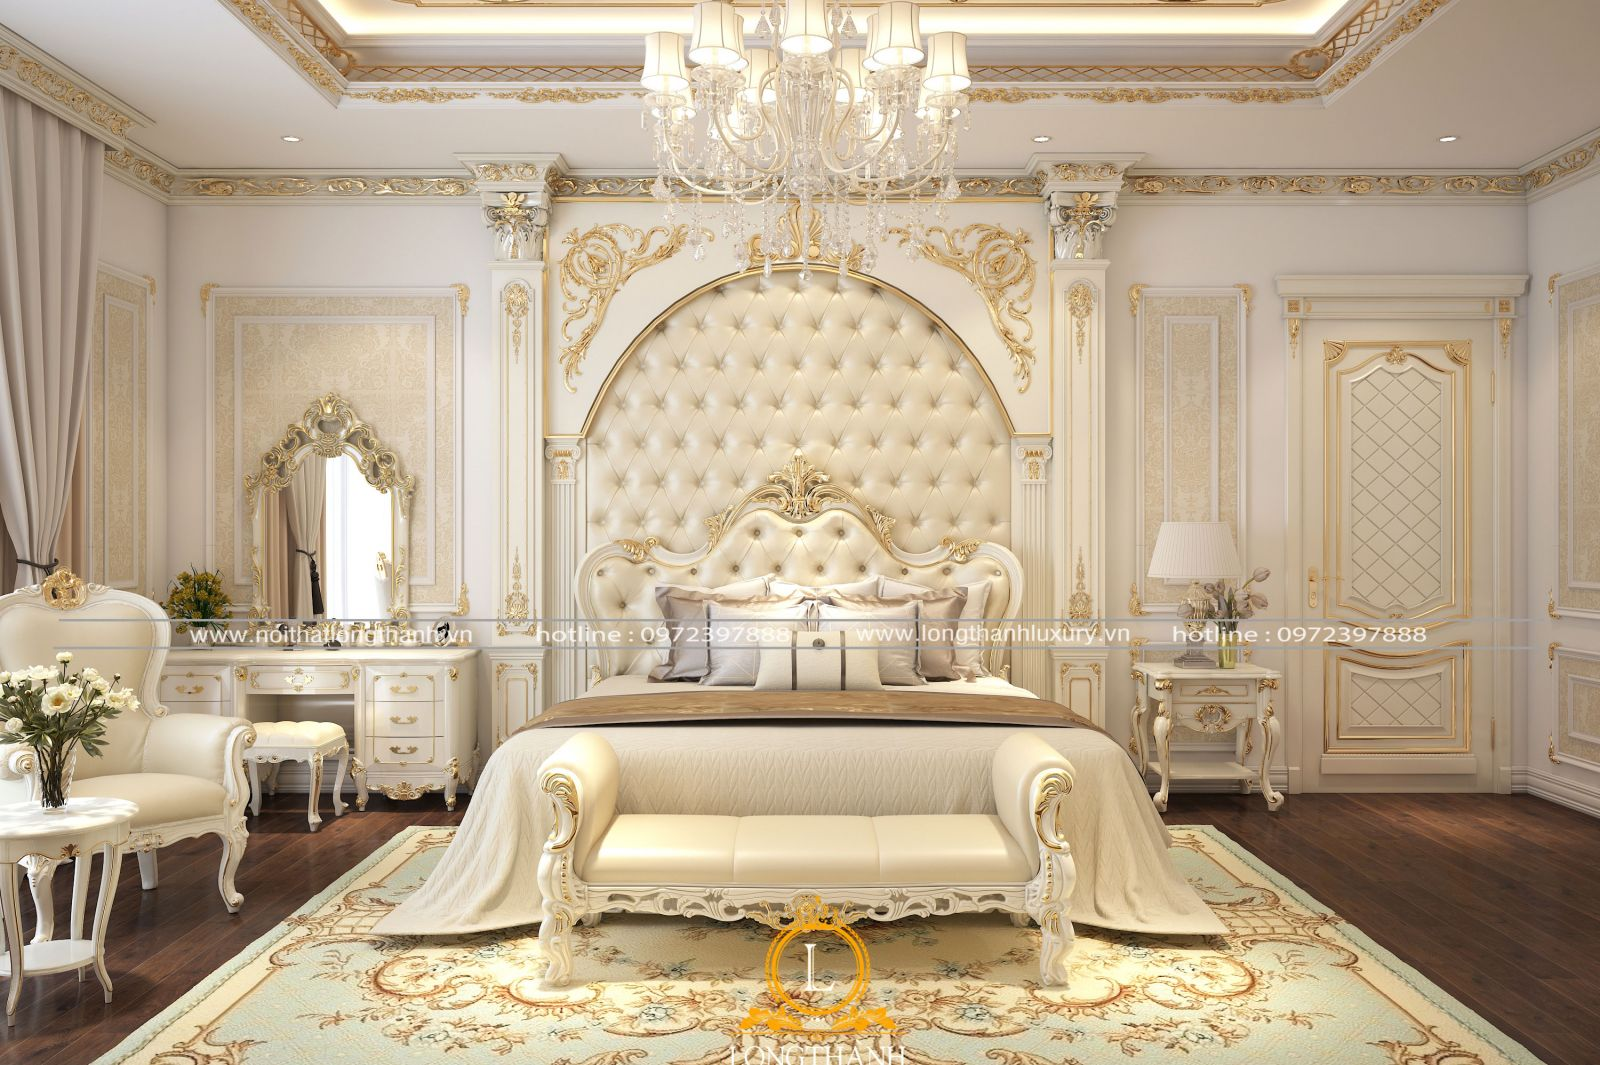 Phòng ngủ tân cổ điển sơn trắng sang trọng tinh tế